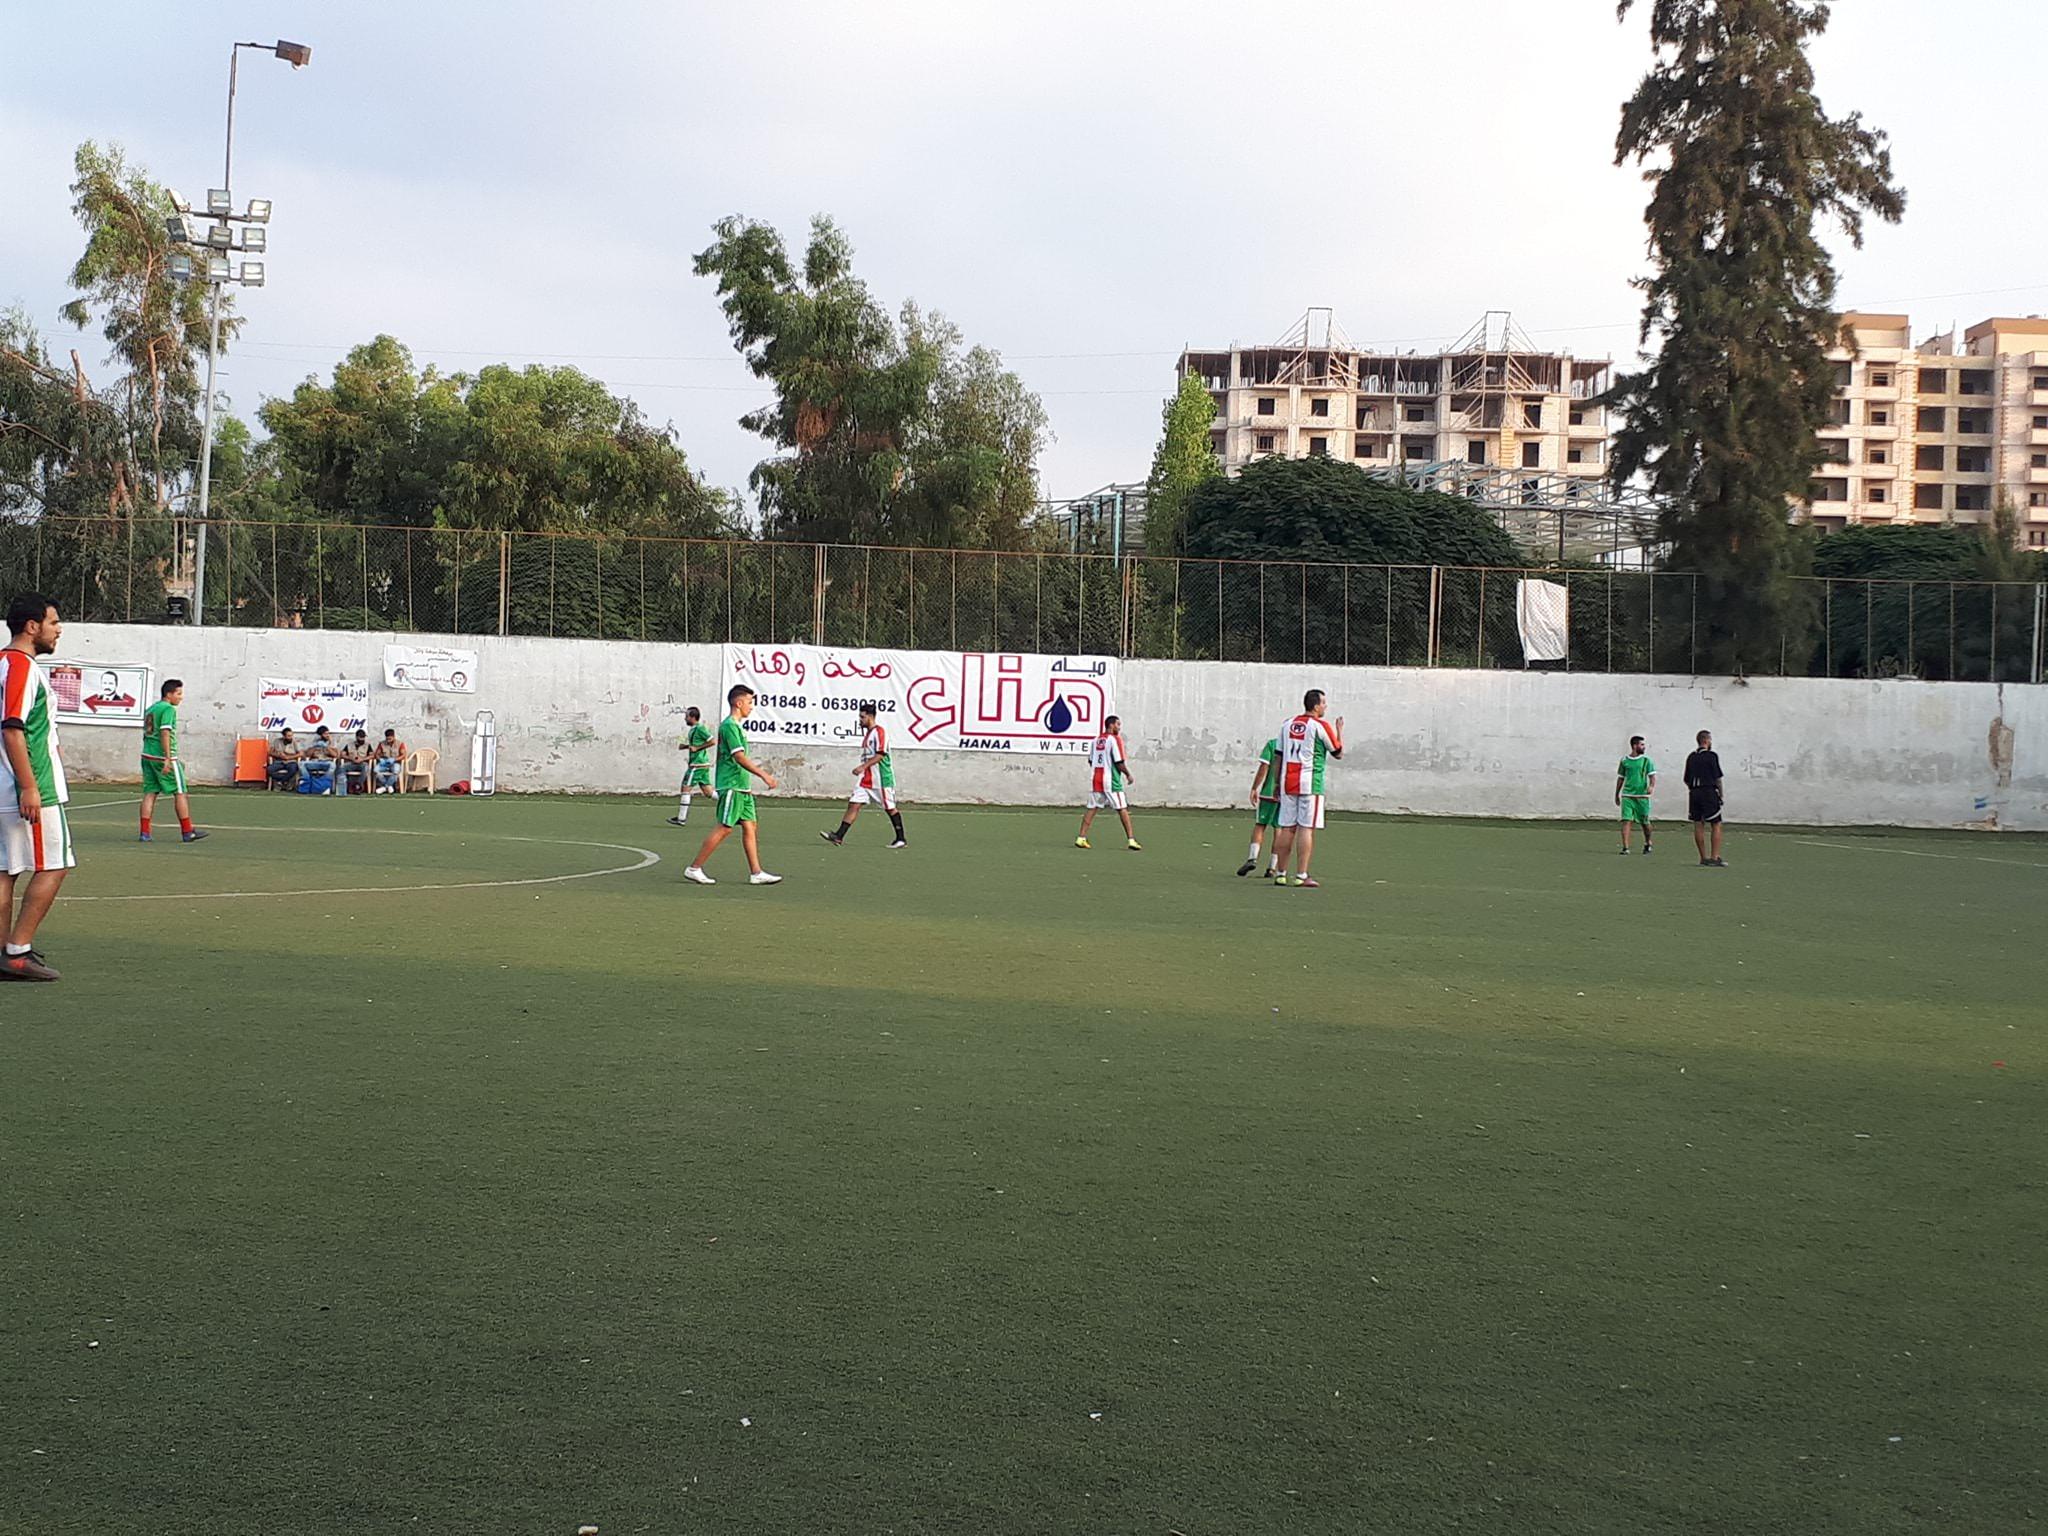 تعادل نادي الخليل مع نادي فلسطين ليتأهل الفريقين الى الدور الثاني في مخيم البداوي